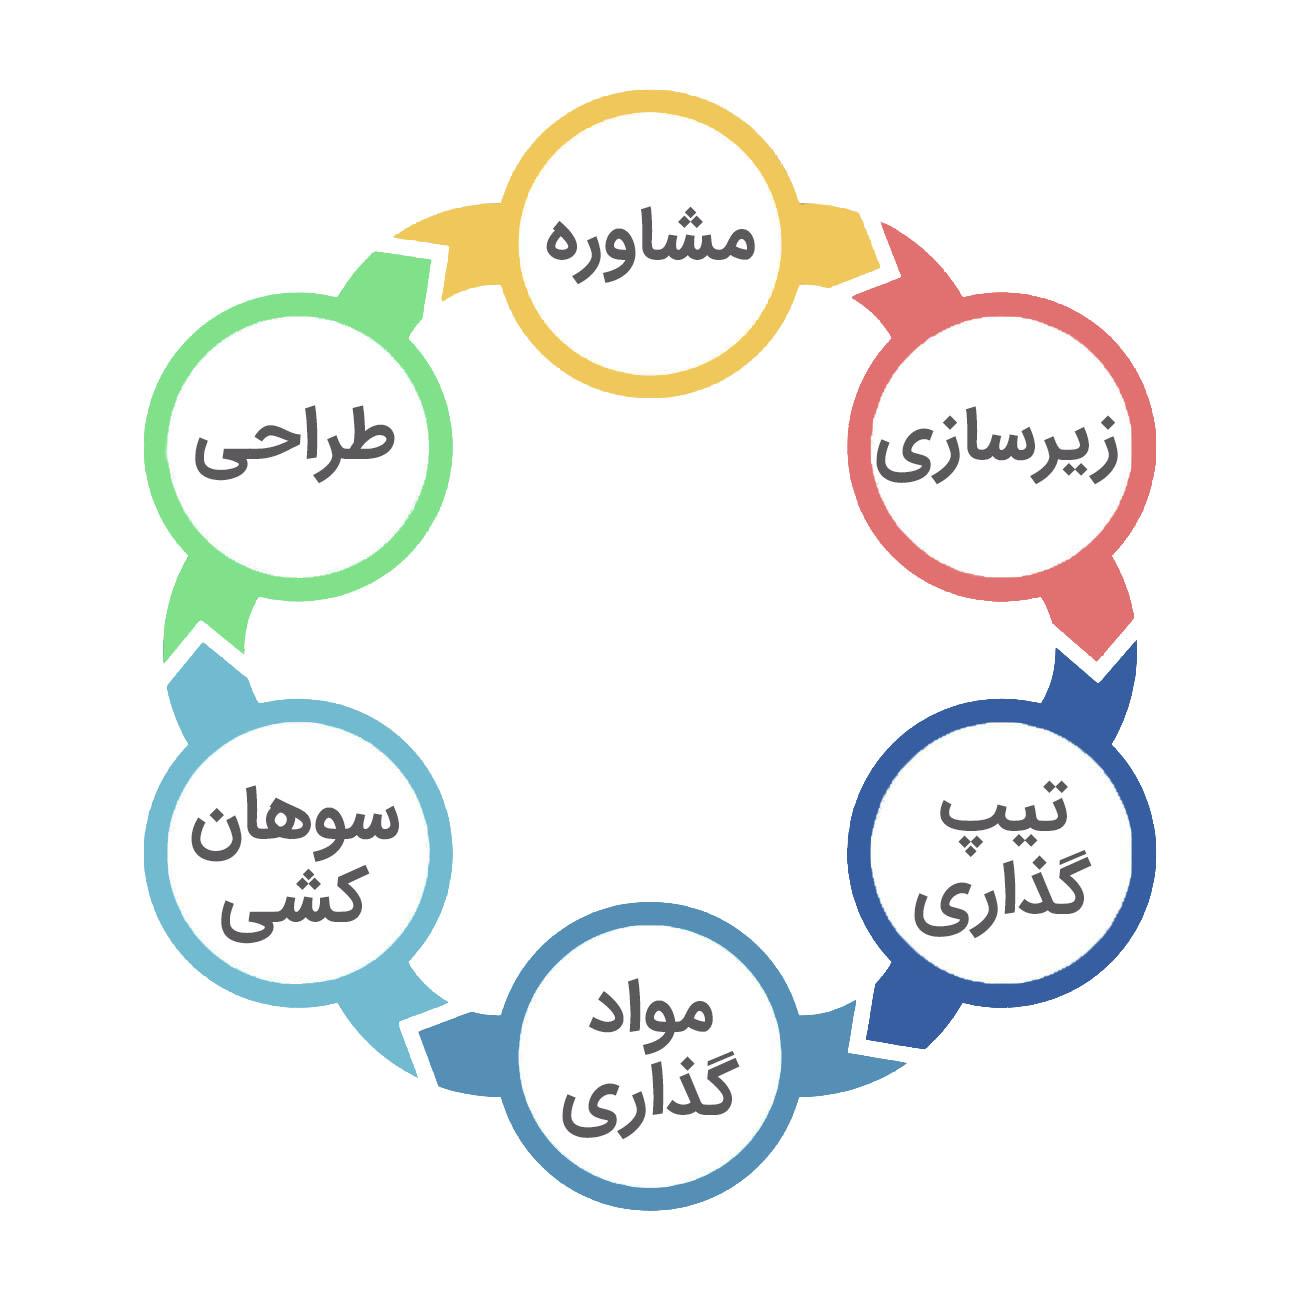 ۶ مرحله صلی از مراحل کاشت ناخن | نیل آکادمی